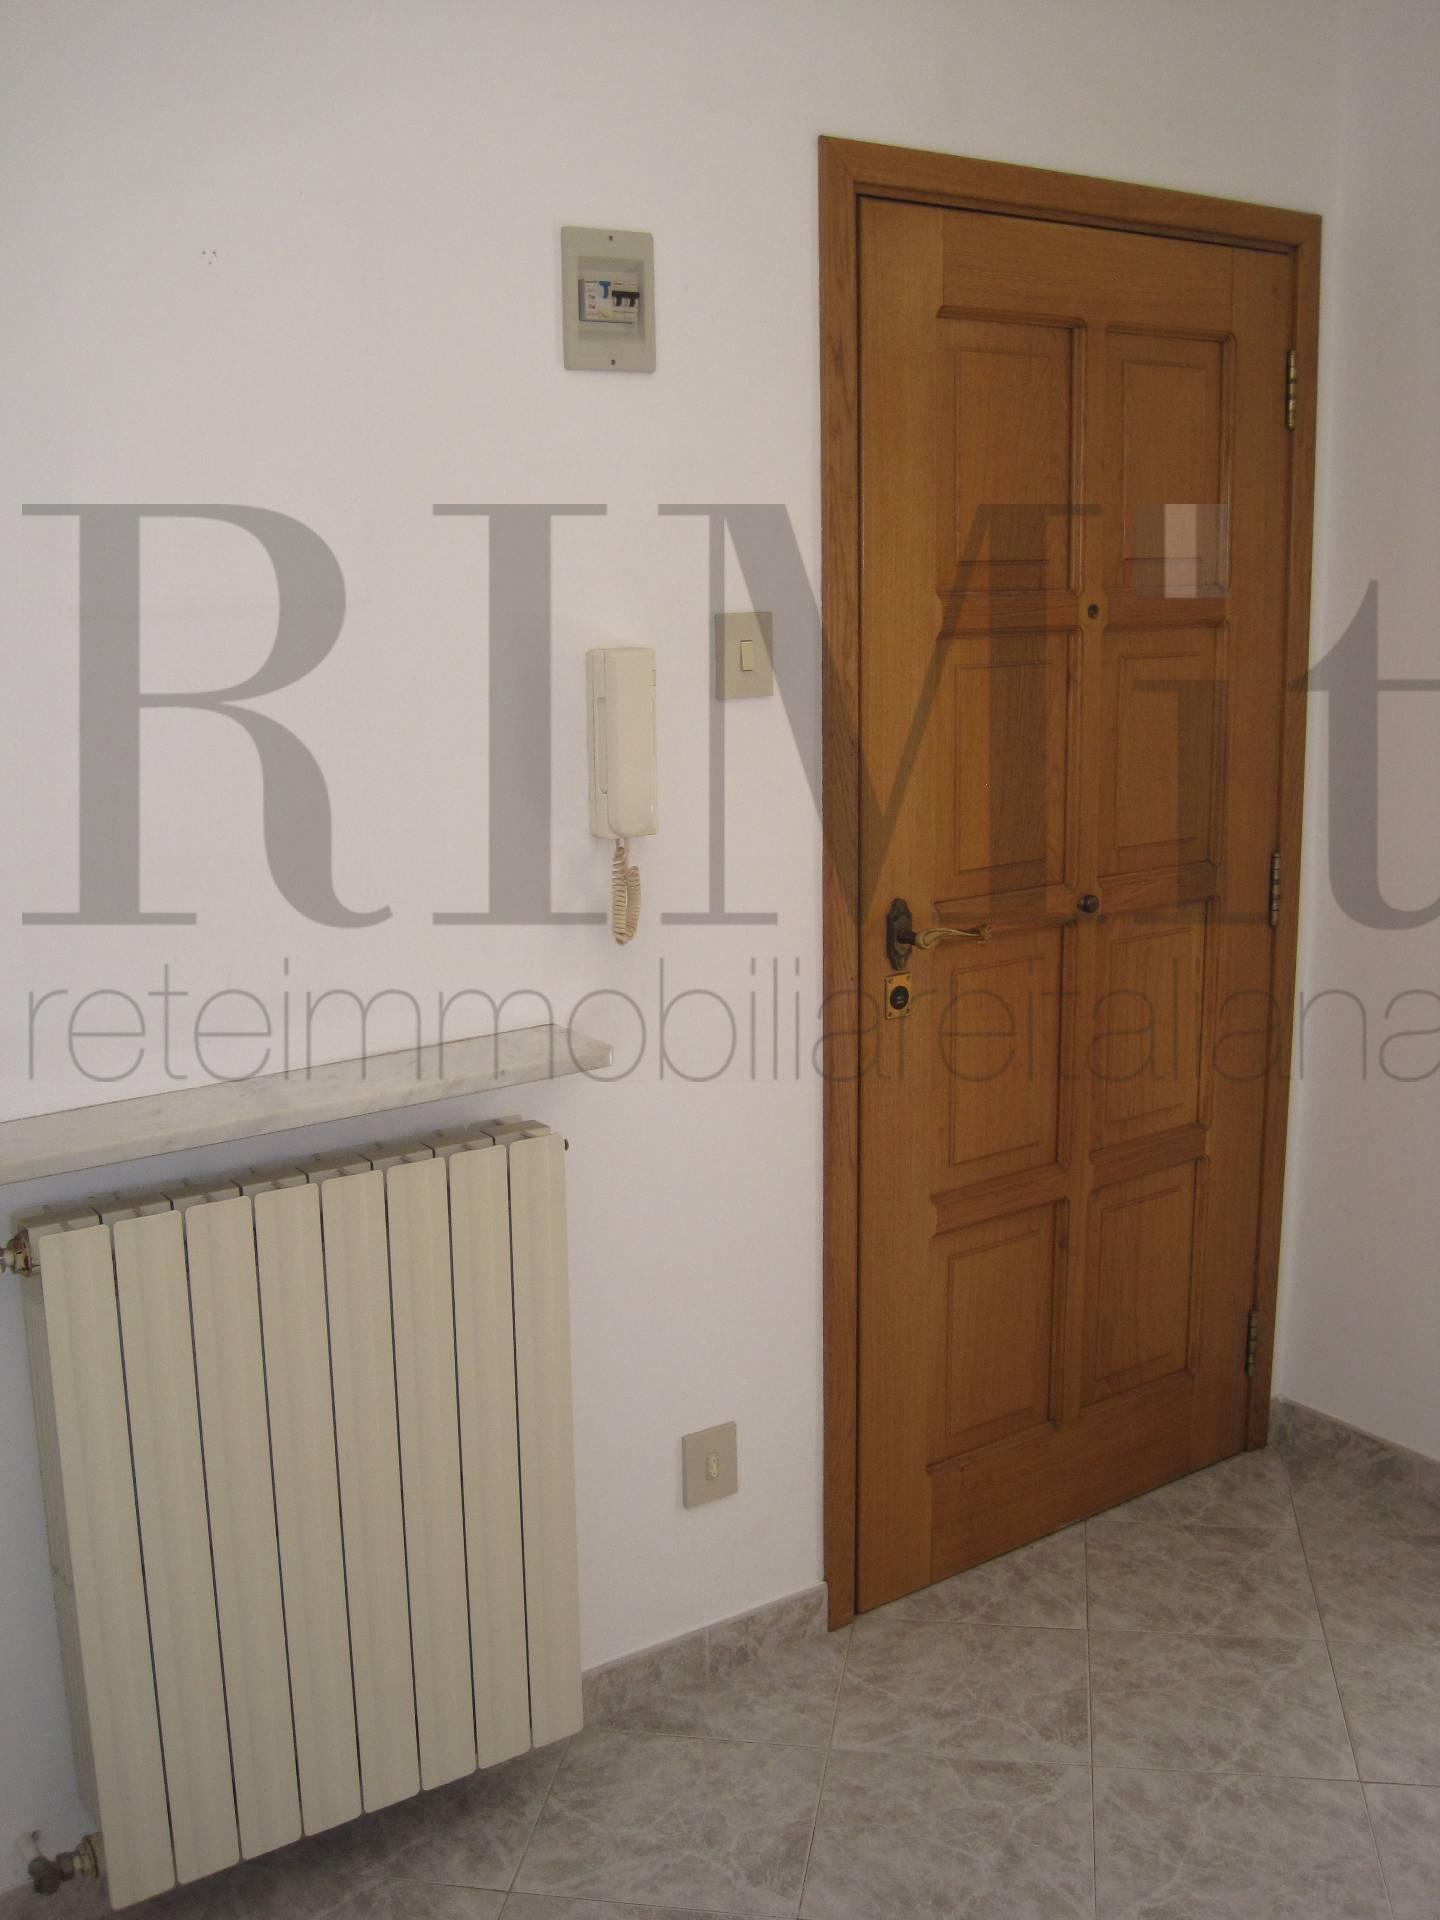 Bilocale Genova Via Delle Fabbriche 3